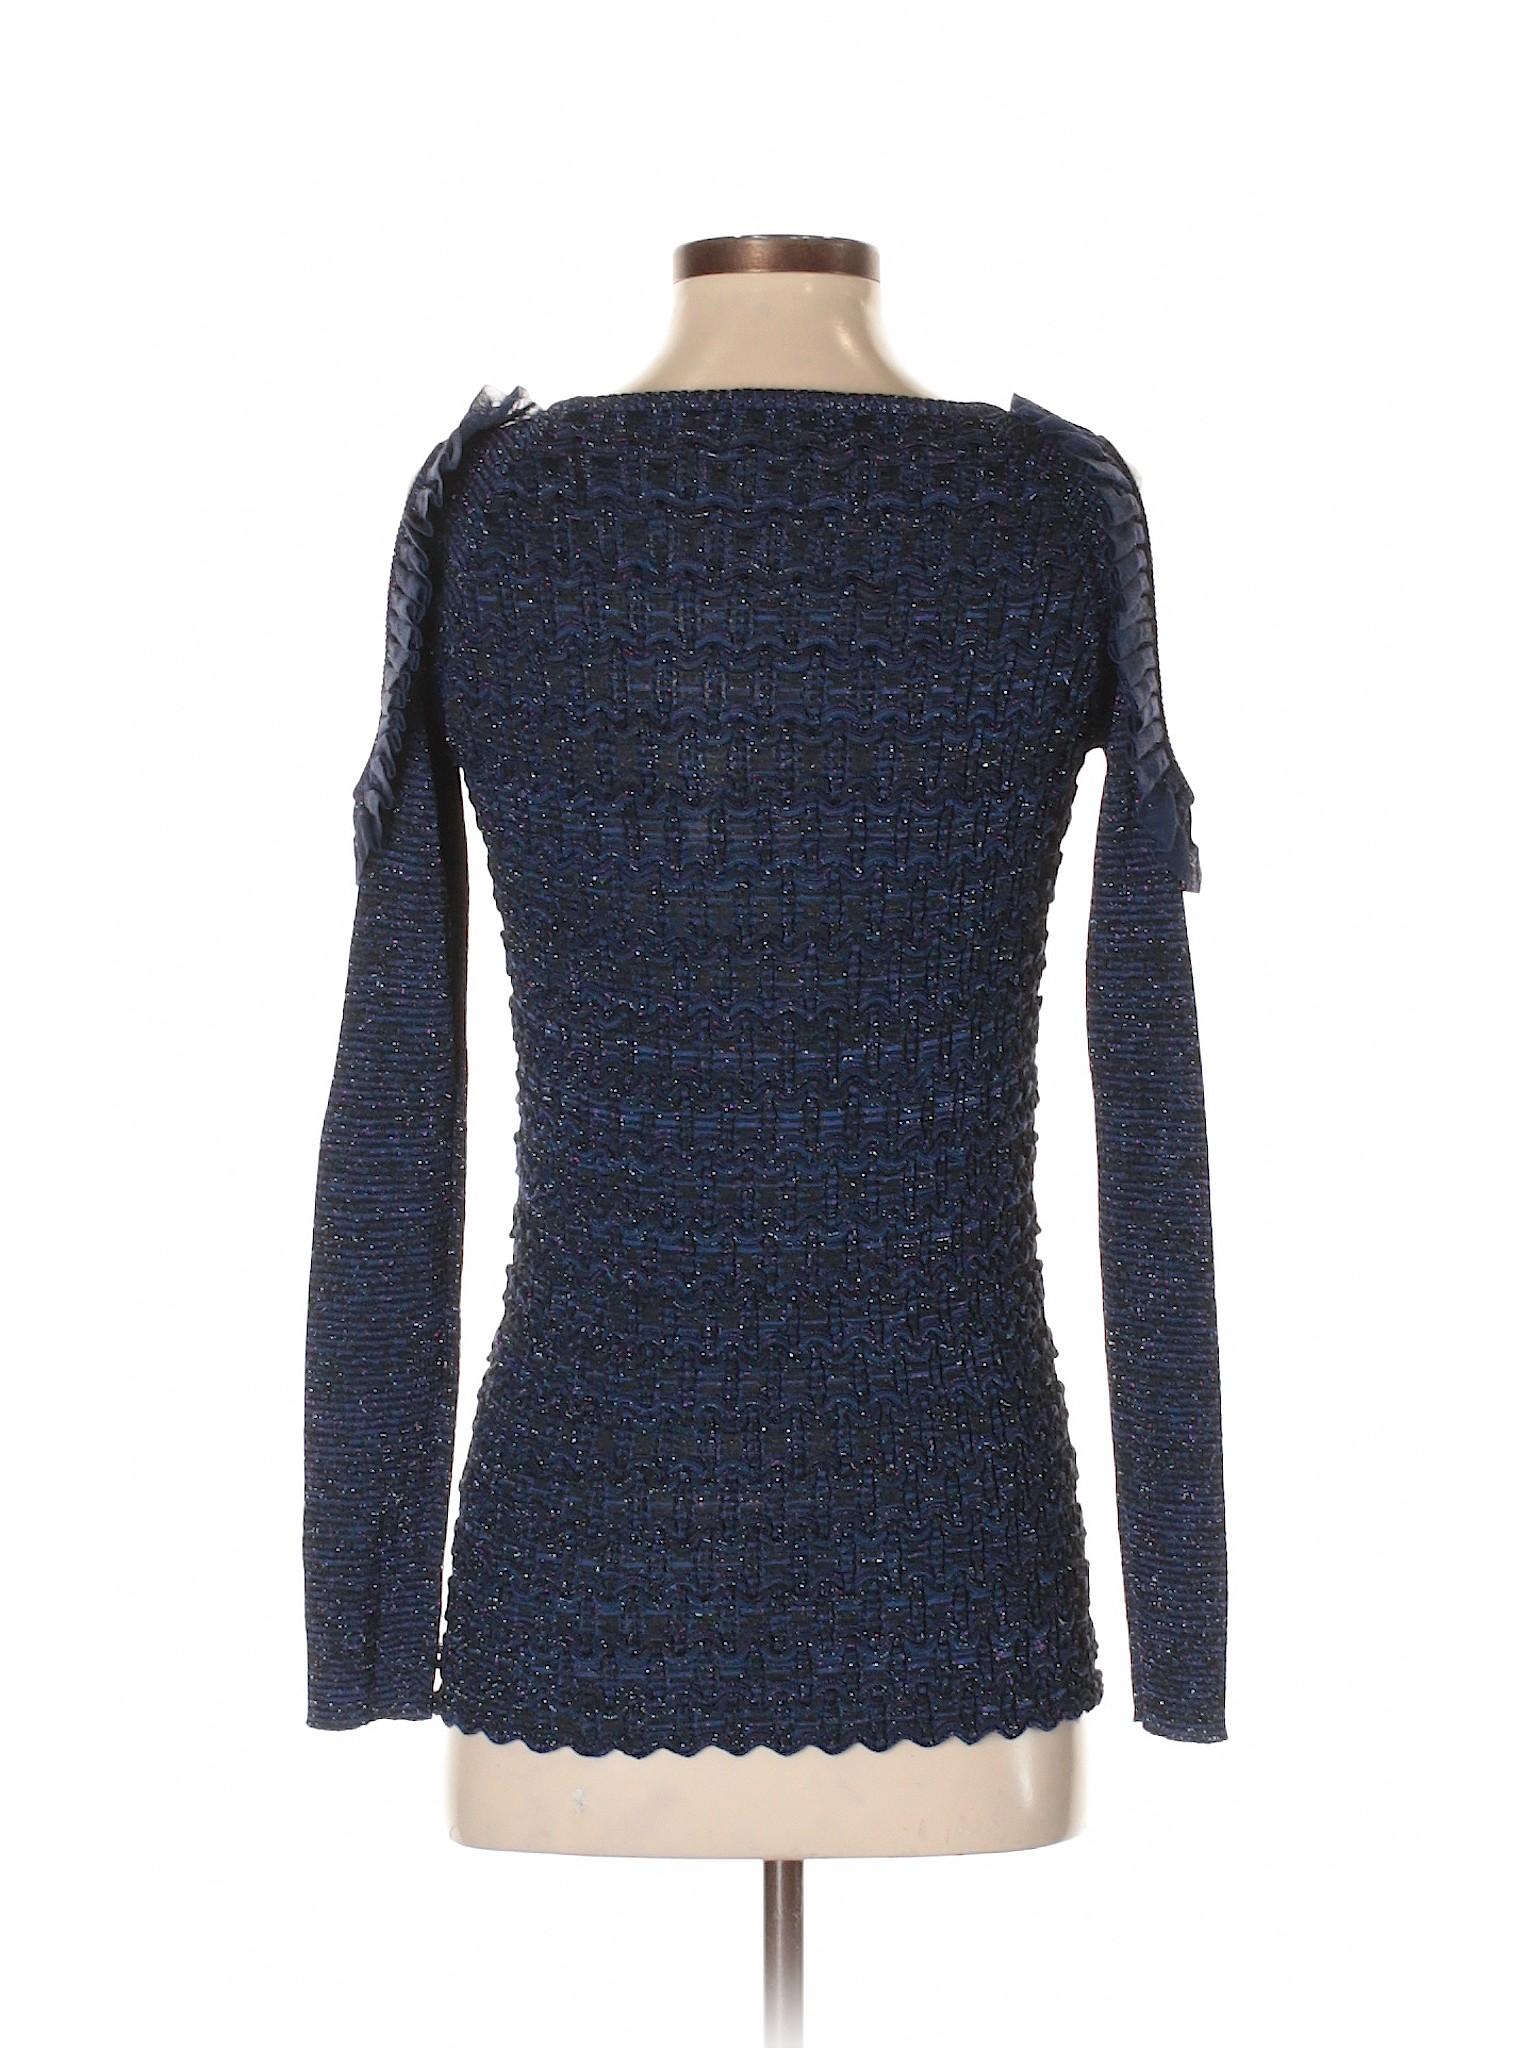 Sweater Boutique Pullover Boutique Kenzo Kenzo wIqxFdF8